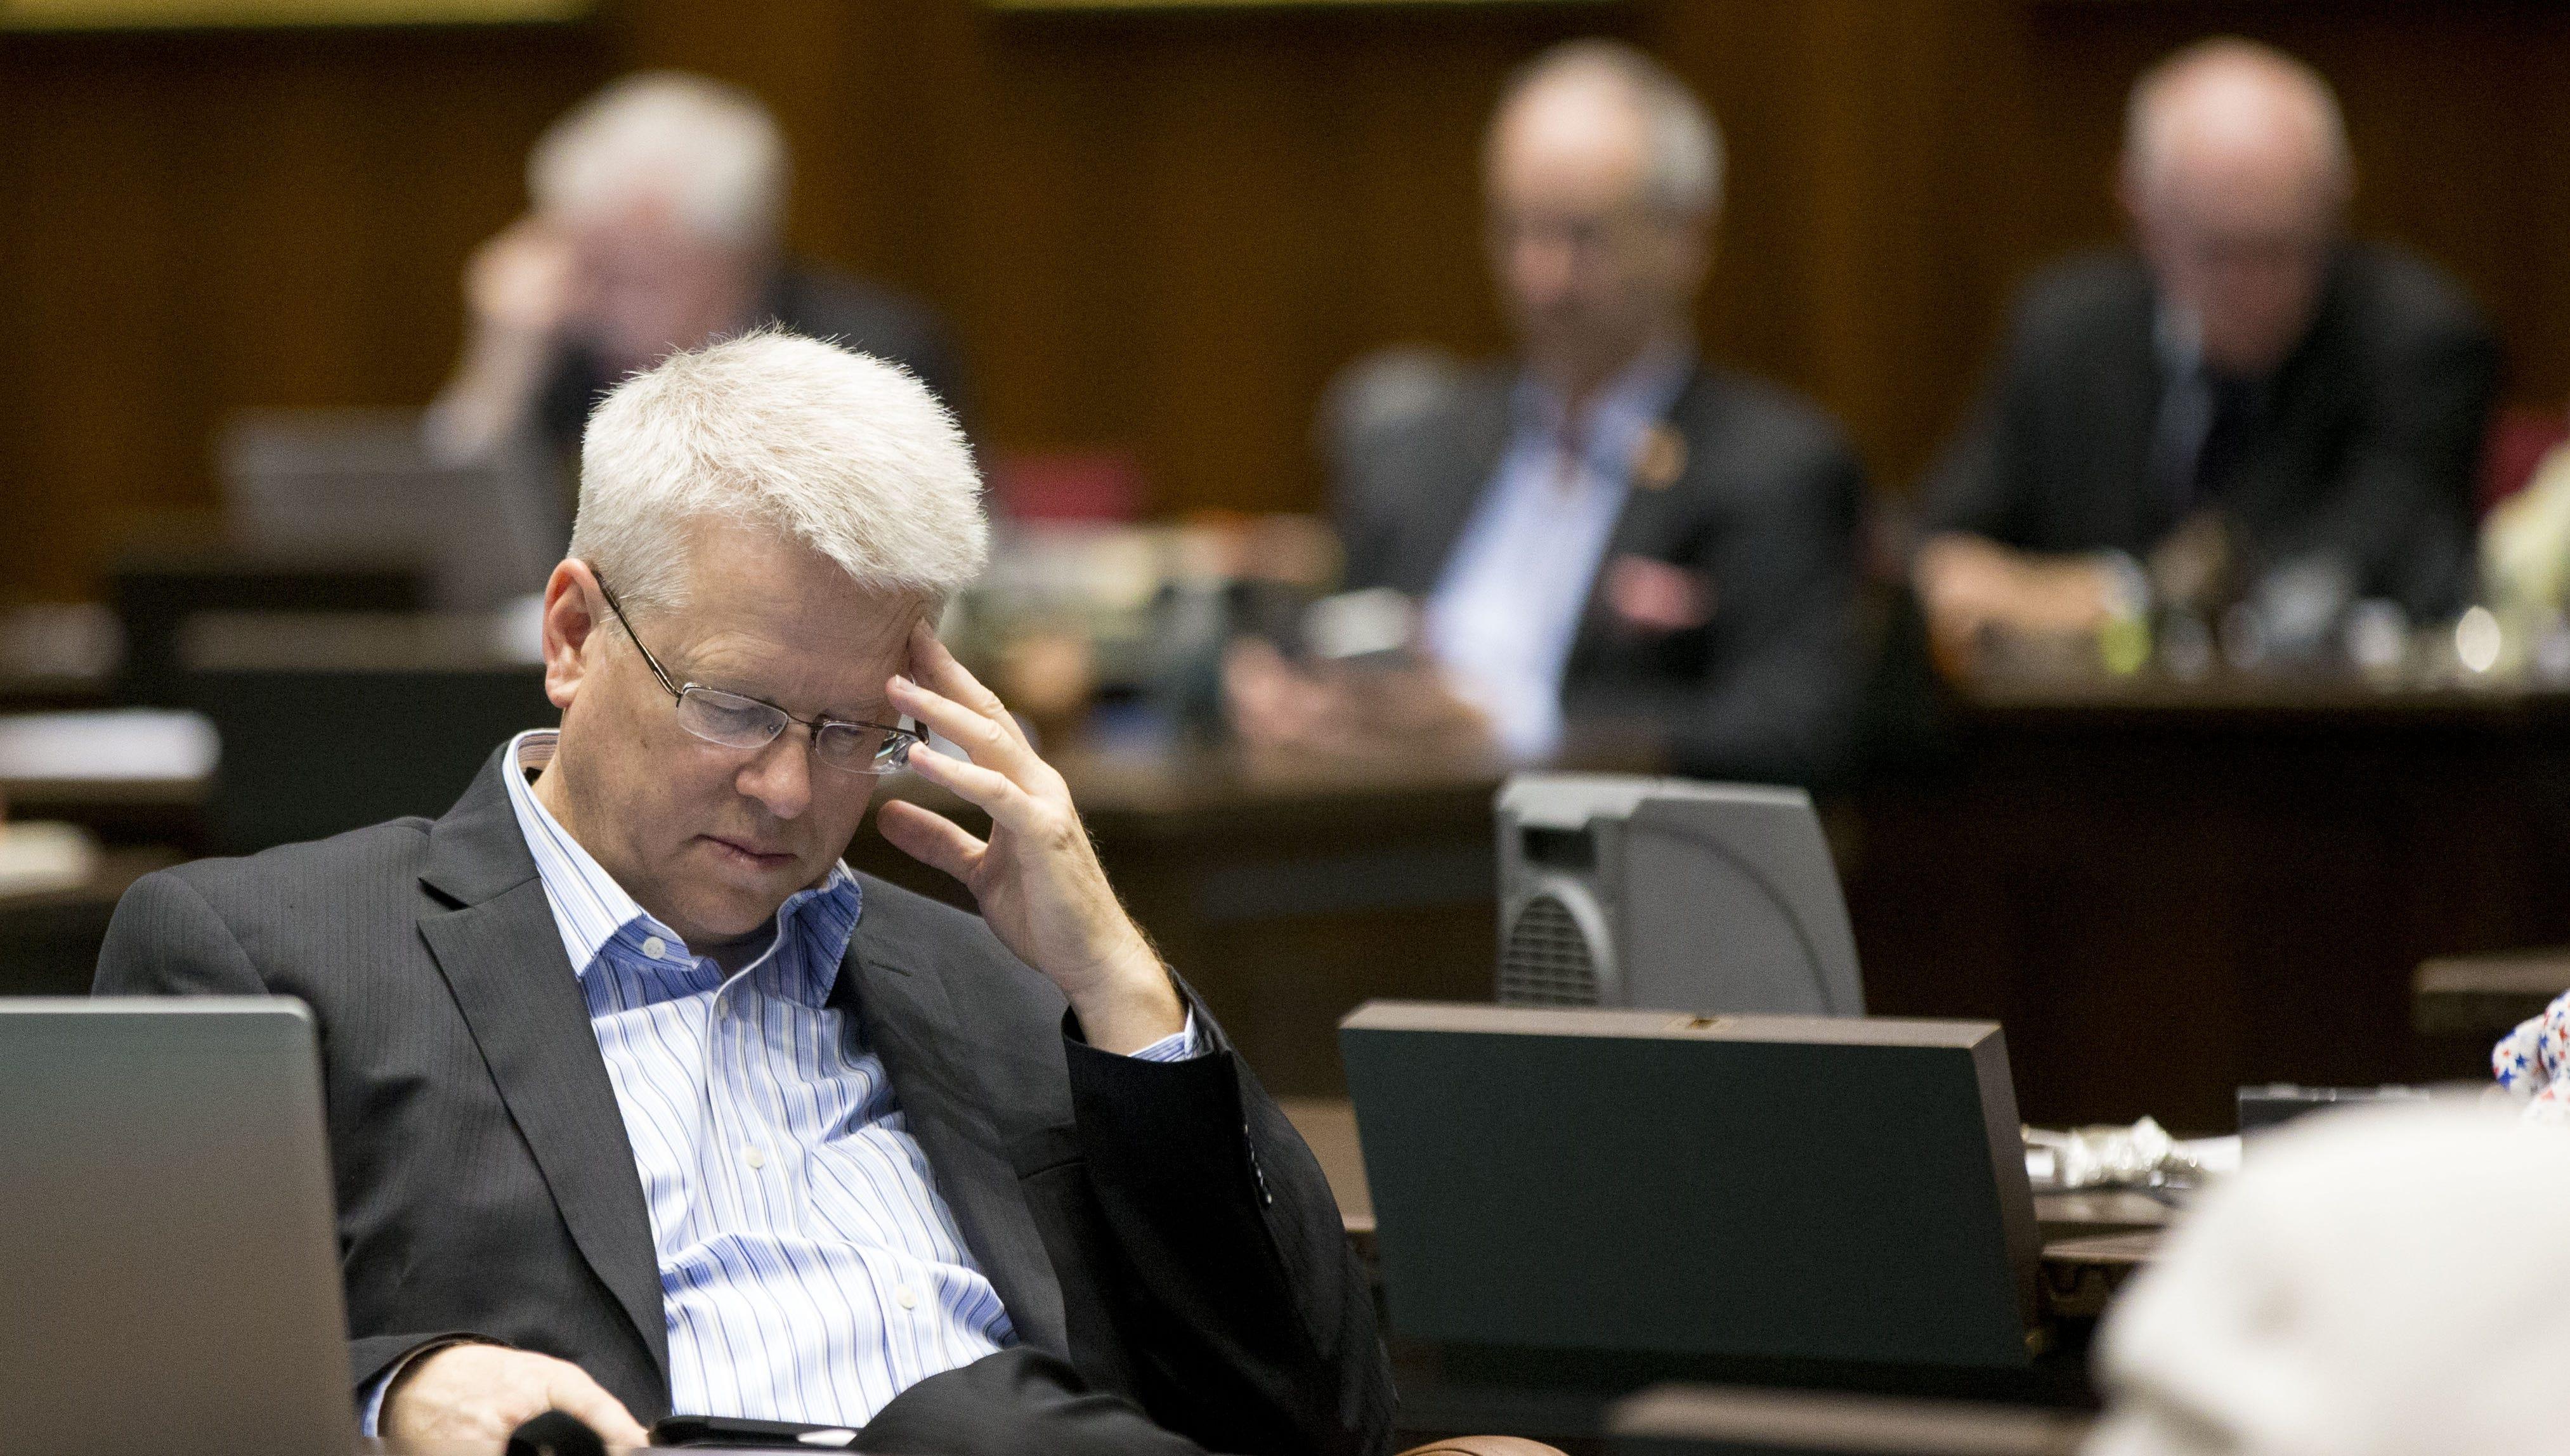 Charter Board vote allows Eddie Farnsworth, school operator and lawmaker, to make millions